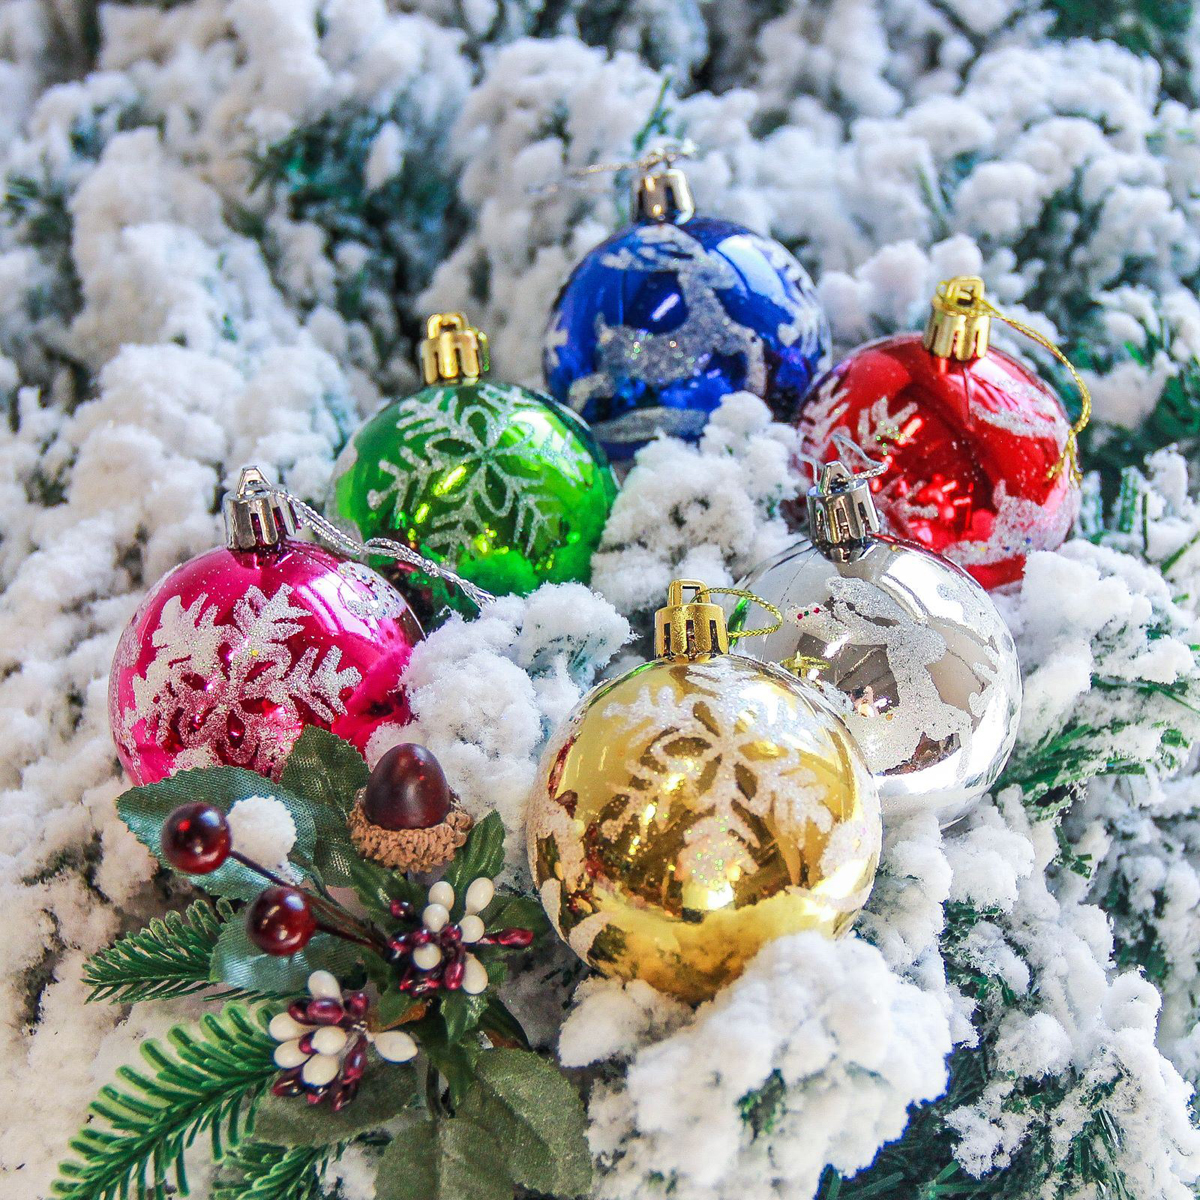 Набор новогодних подвесных украшений Sima-land Снежинки, диаметр 5,5 см, 6 шт2363903Невозможно представить нашу жизнь без праздников! Мы всегда ждём их и предвкушаем, обдумываем, как проведём памятный день, тщательно выбираем подарки и аксессуары, ведь именно они создают и поддерживают торжественный настрой.